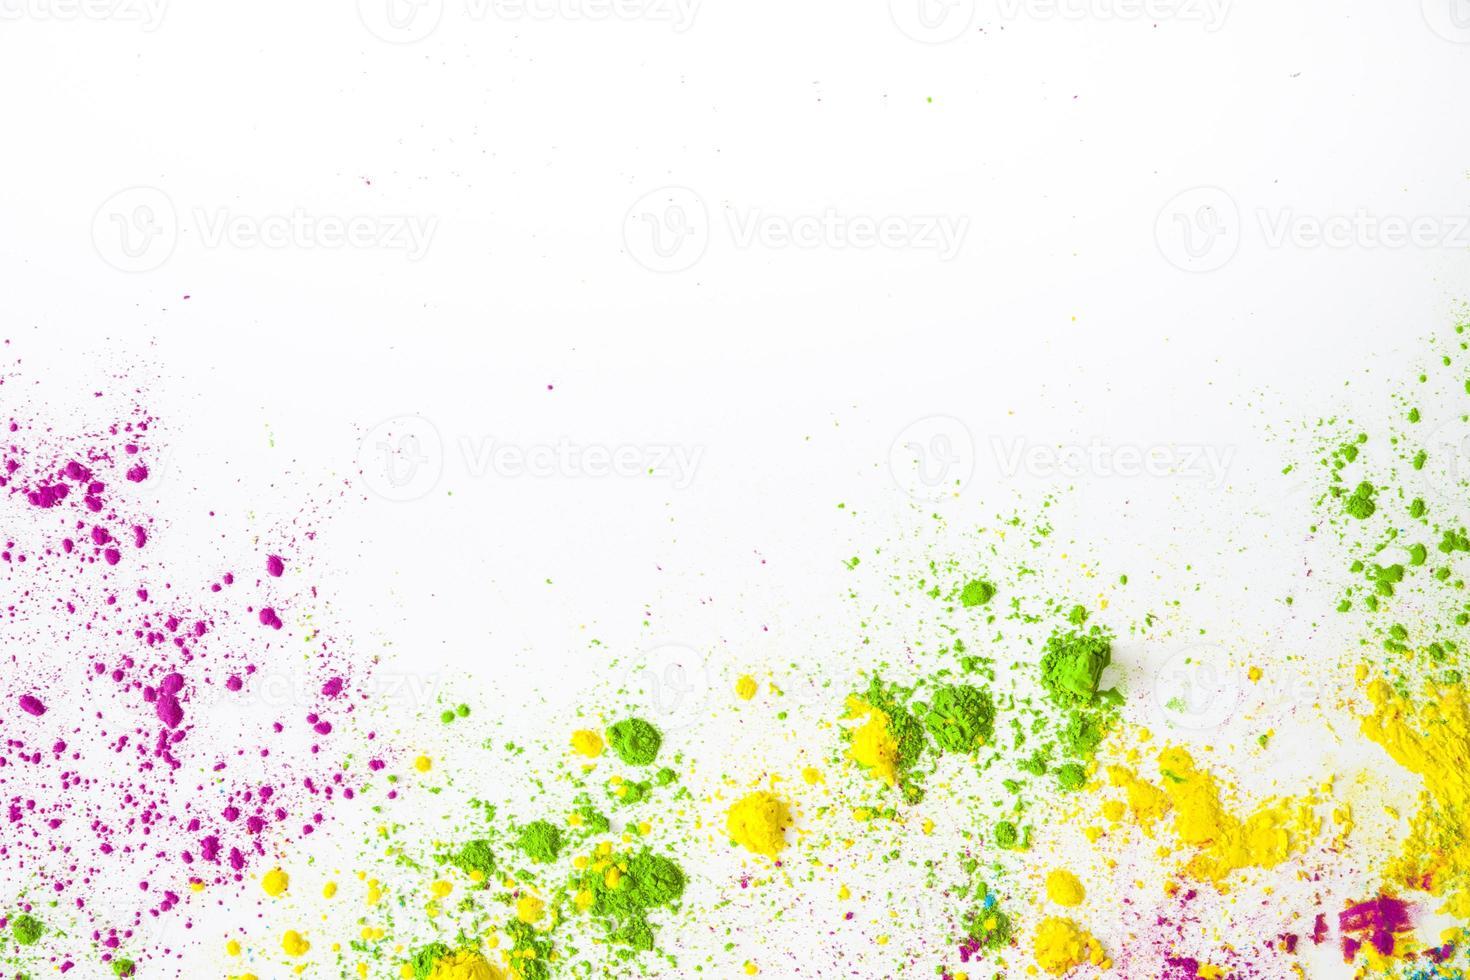 färgpulver, holi -gratulationskort foto